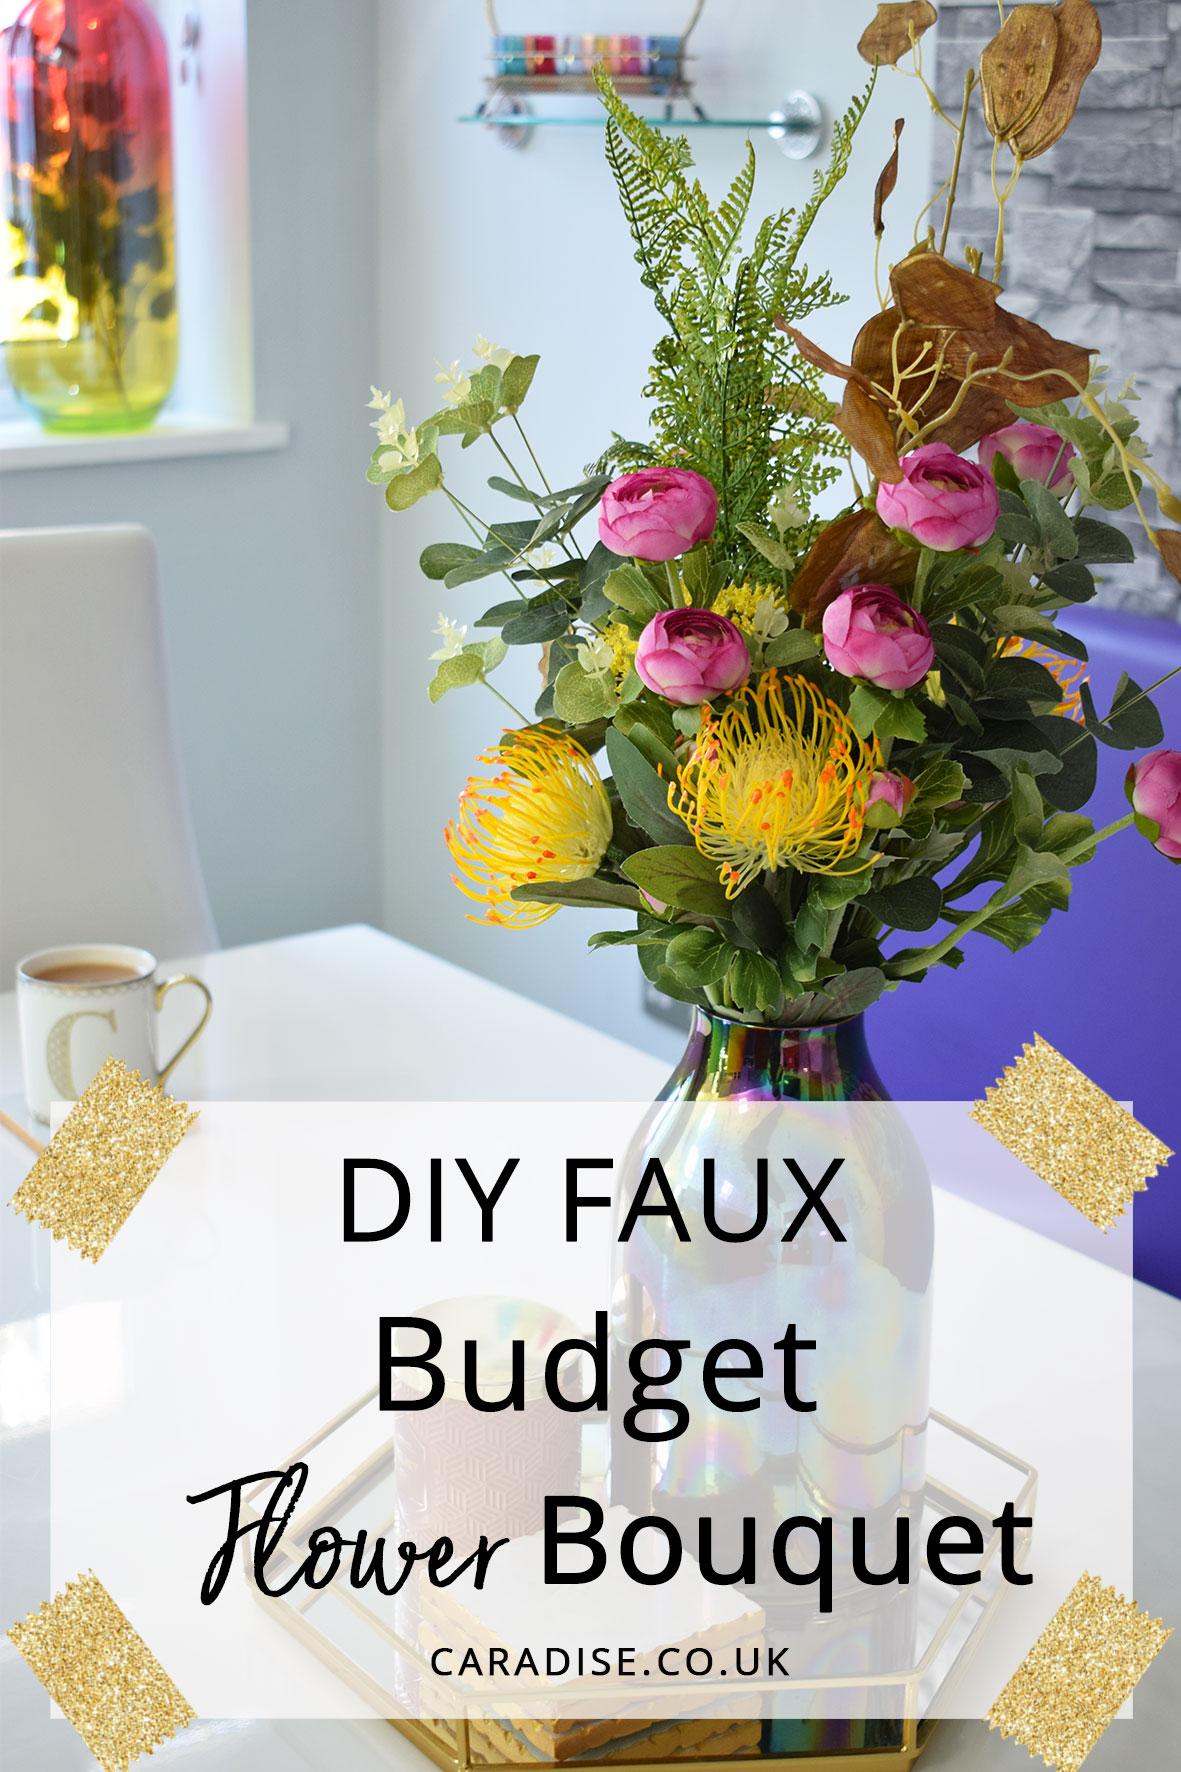 Diy faux budget flower bouquet caradise diy faux budget flower bouquet izmirmasajfo